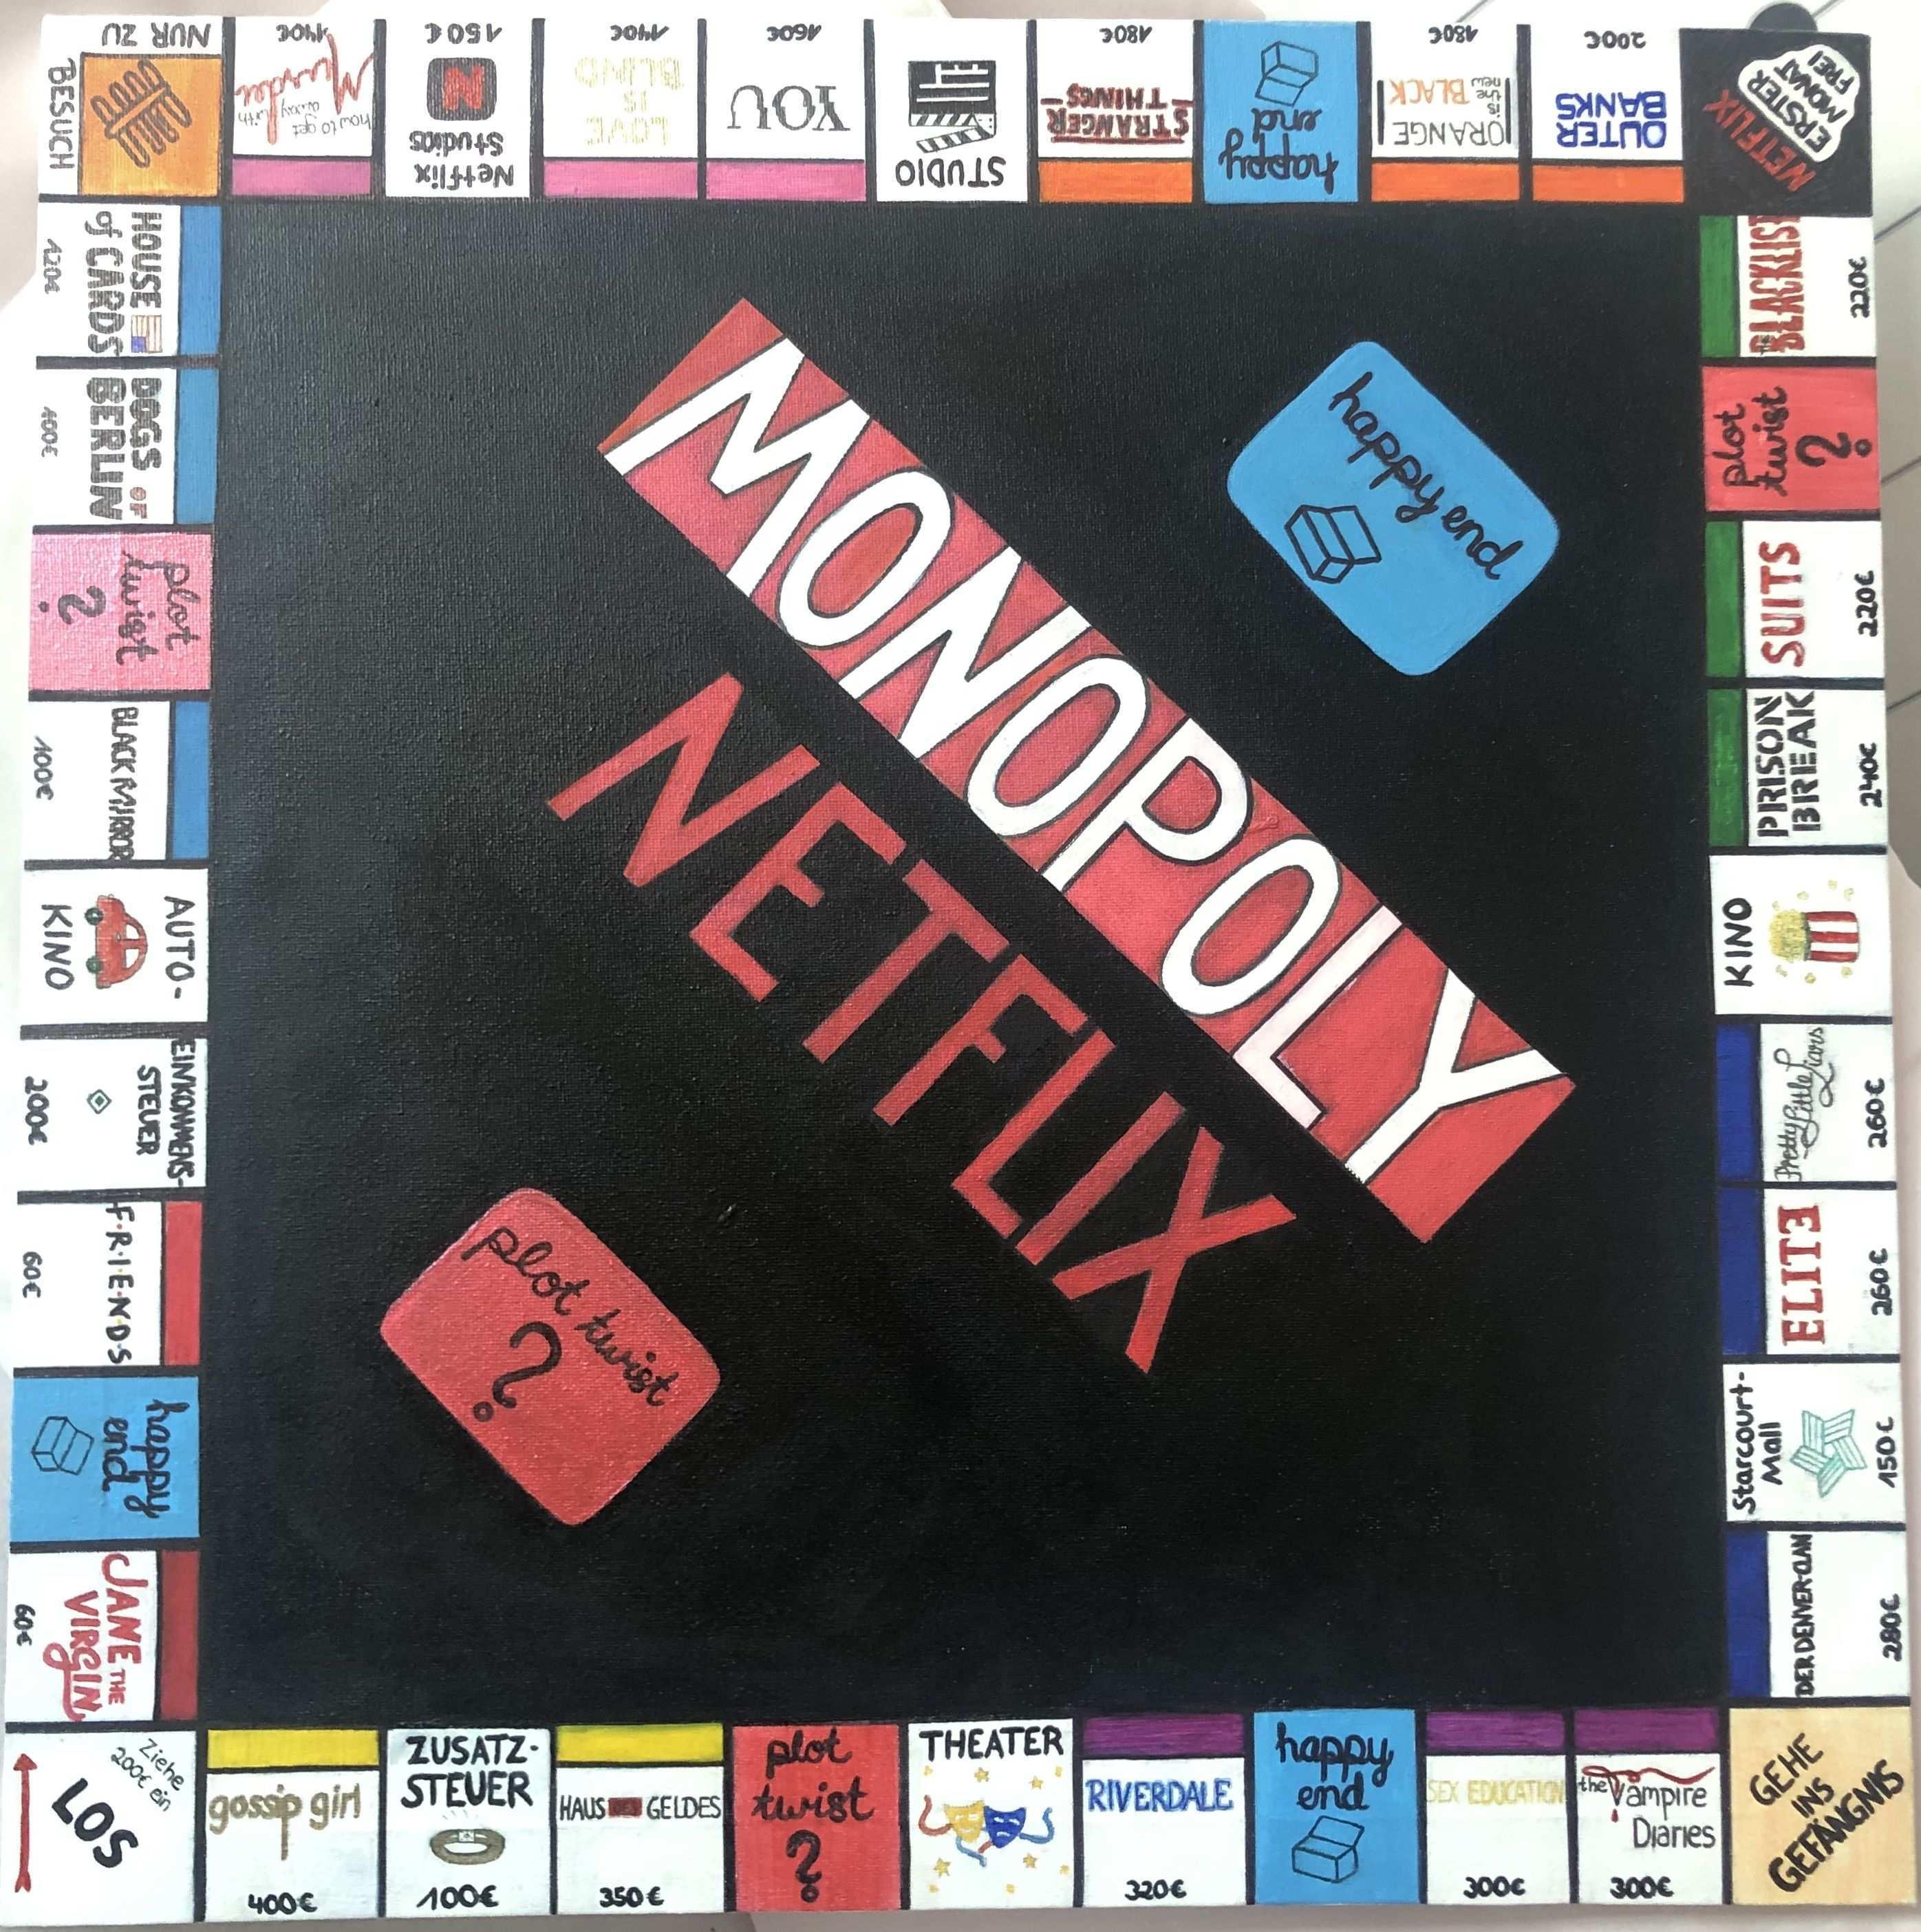 Netflix Monopoly Brett Vorlage Brettspiel Selber Machen Spiele Selber Machen Osterhasen Basteln Kinder